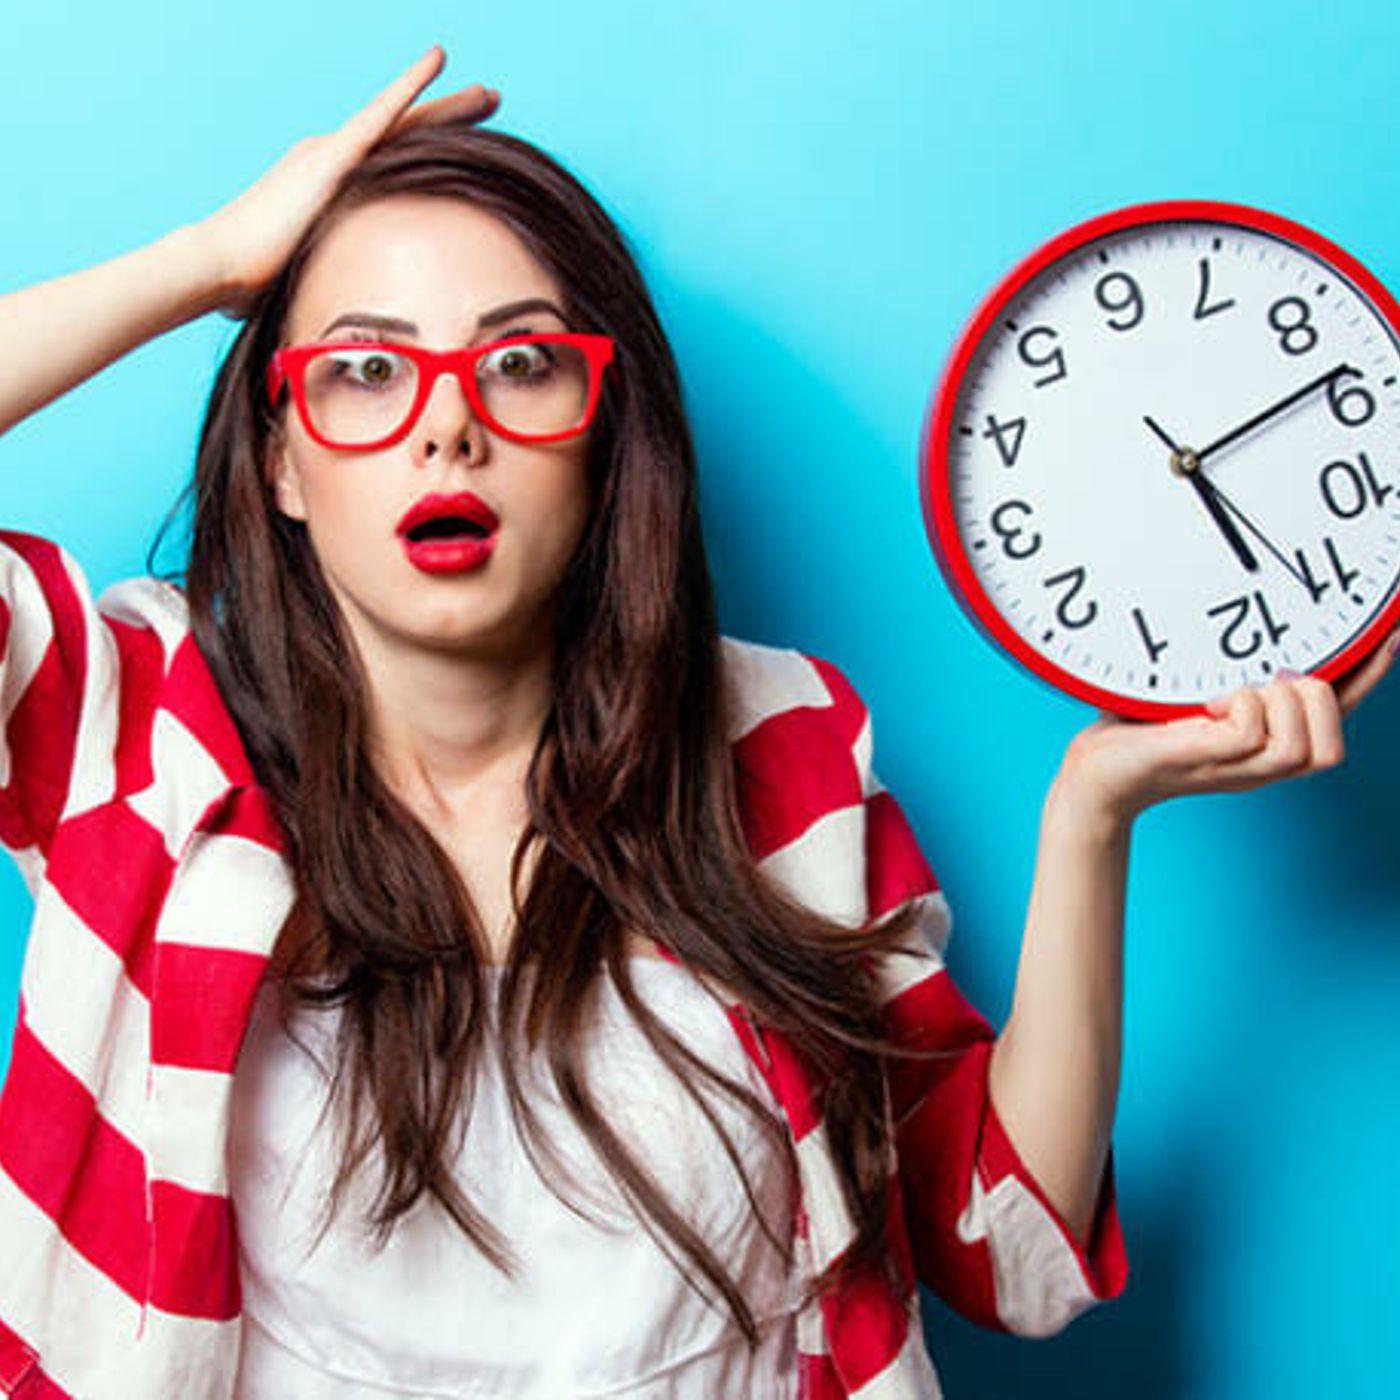 ¡¿Eres uno de tantos que nunca tienen tiempo?